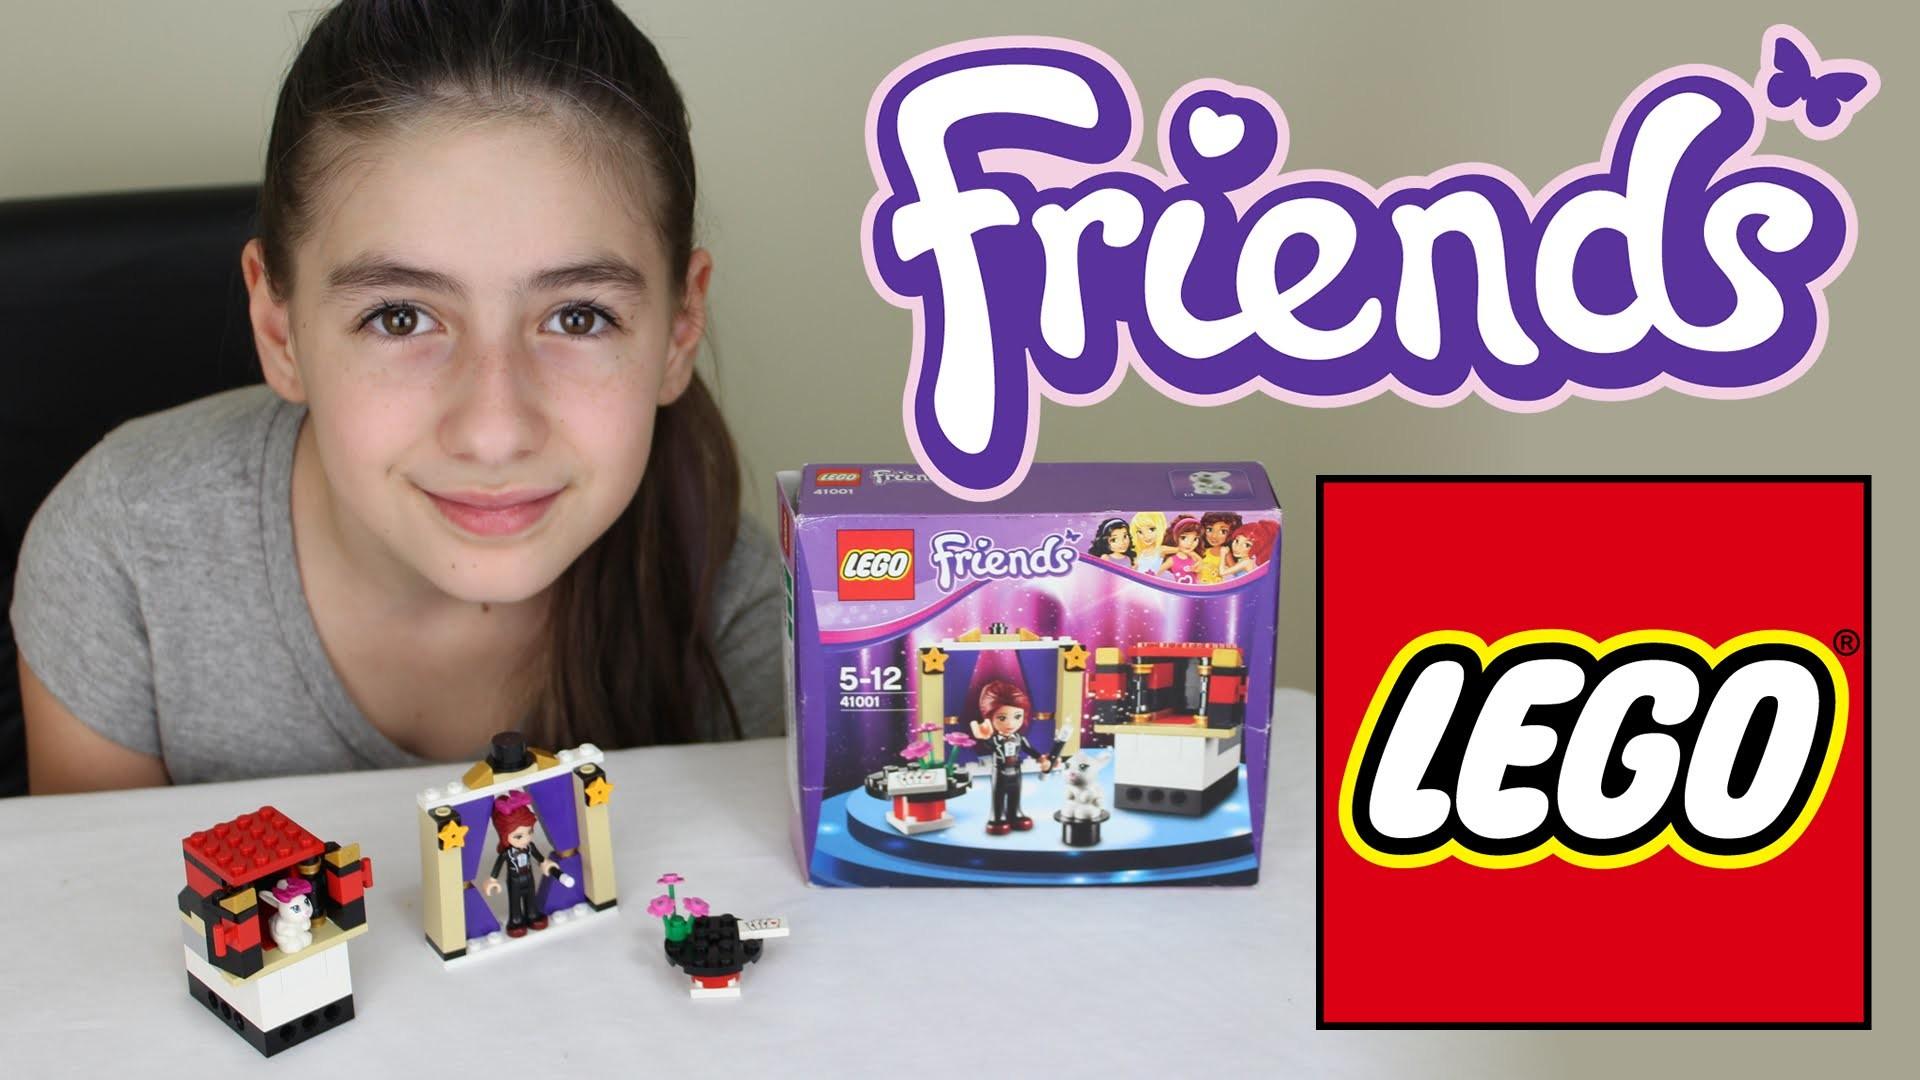 Lego Friends Tutorial Montando e Brincando (Brinquedos, Magico, Mia) Playing (Toys, Magic)